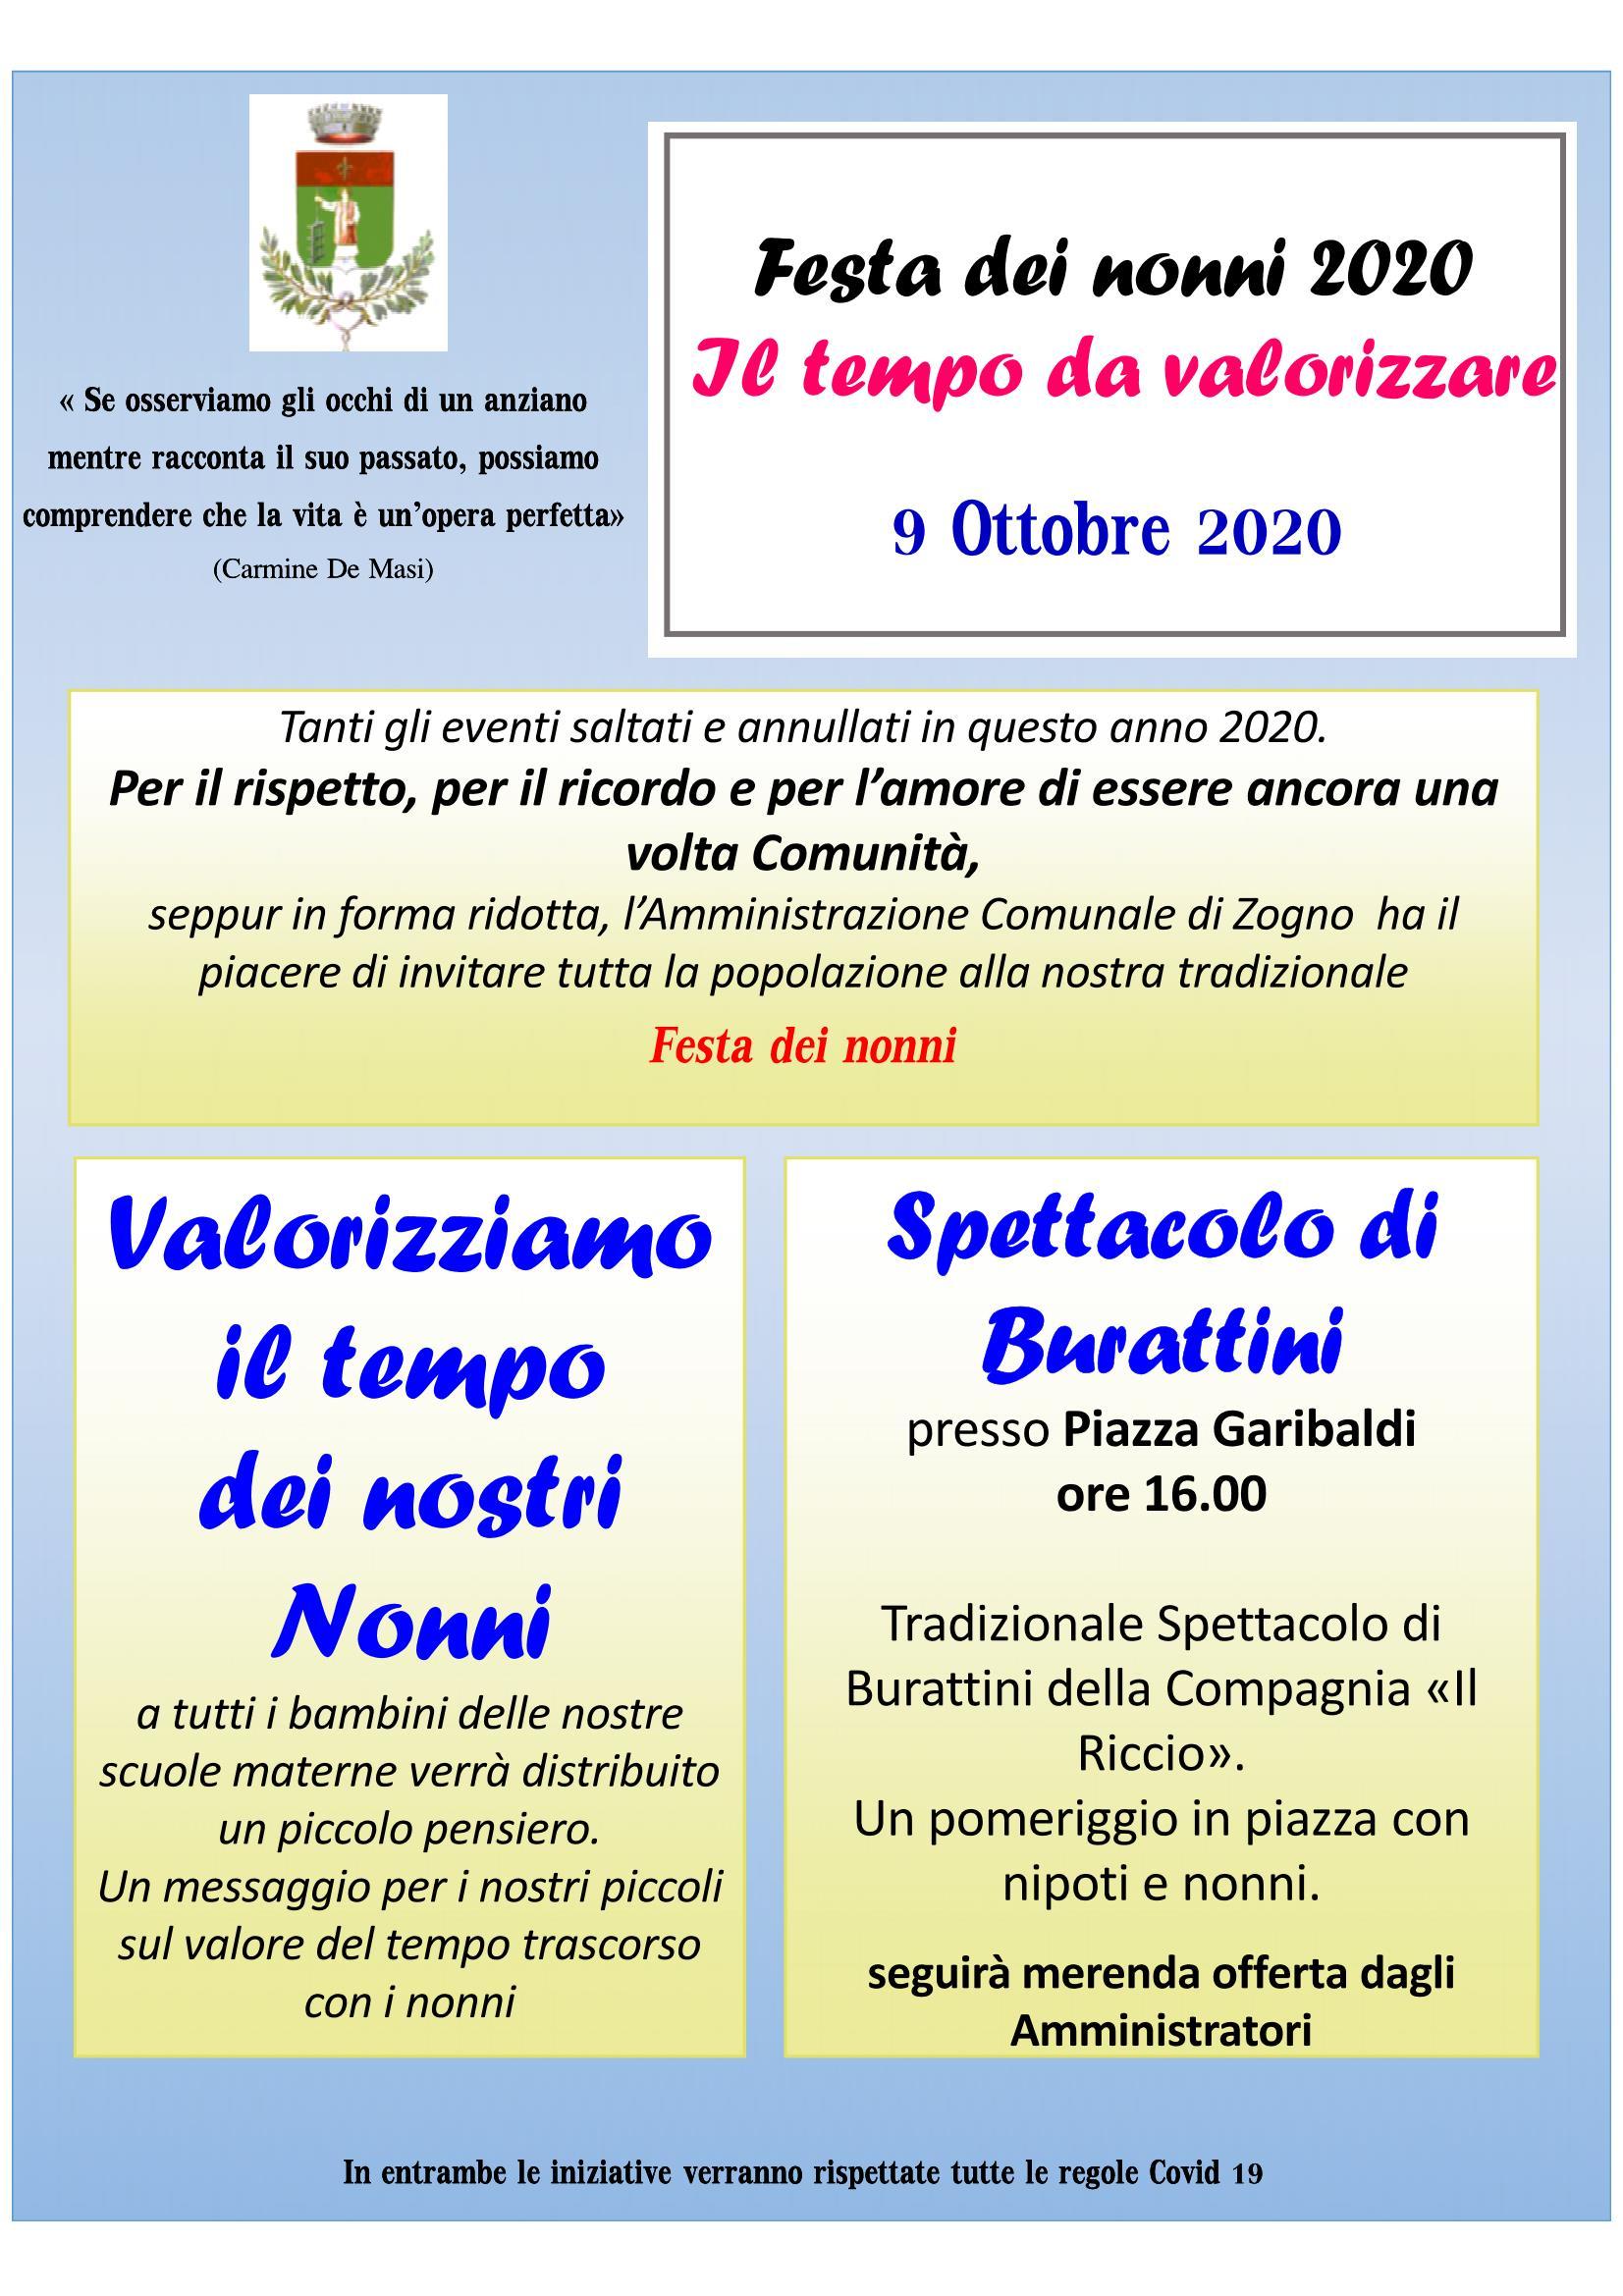 2020-10-09 Festa dei Nonni V02_Page_1